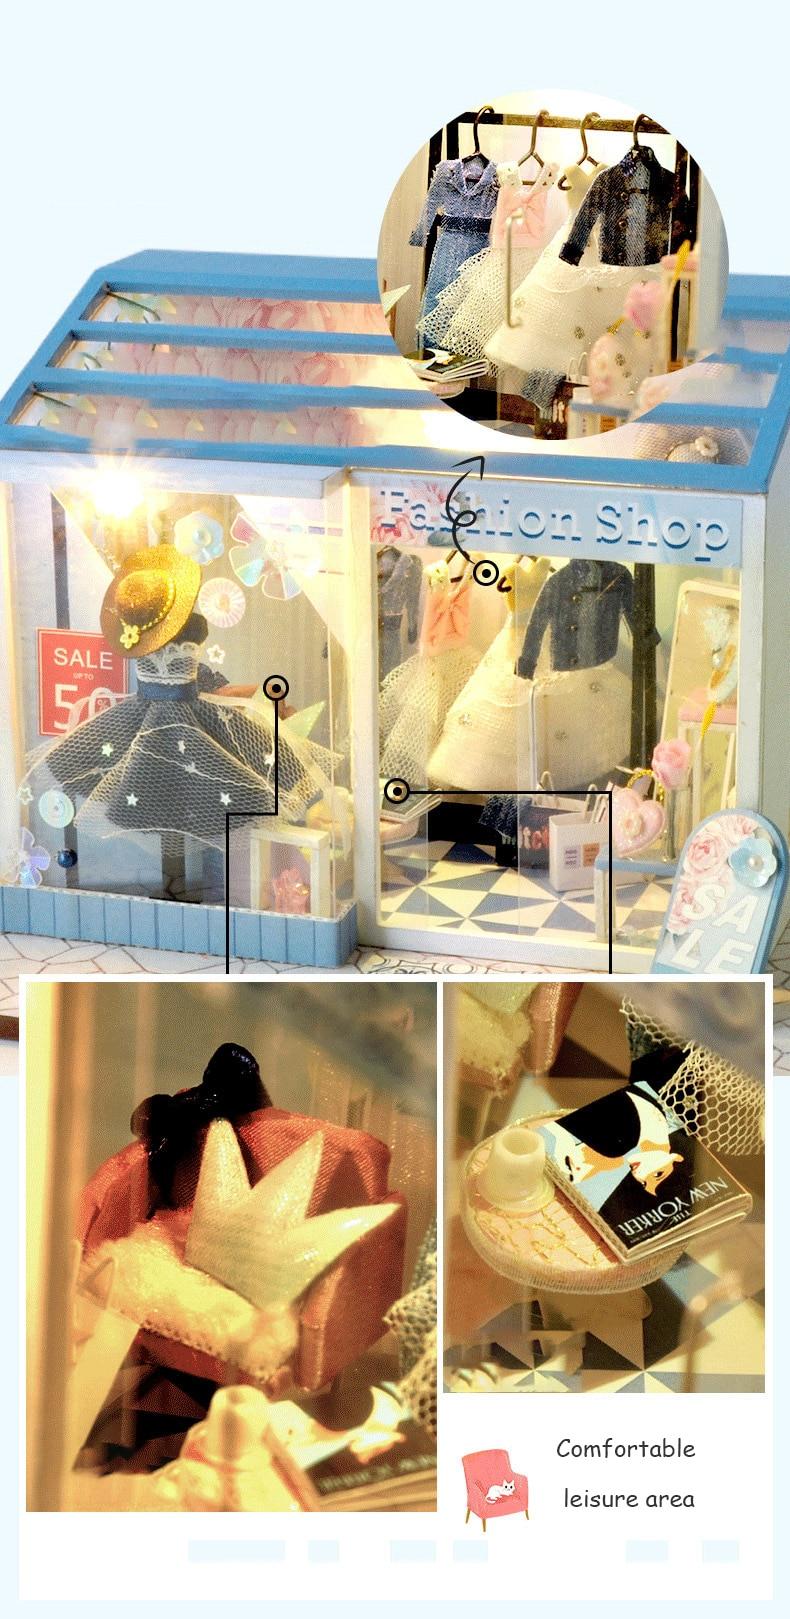 H7483a662895e439d96f7678f11a89b0eC - Robotime - DIY Models, DIY Miniature Houses, 3d Wooden Puzzle